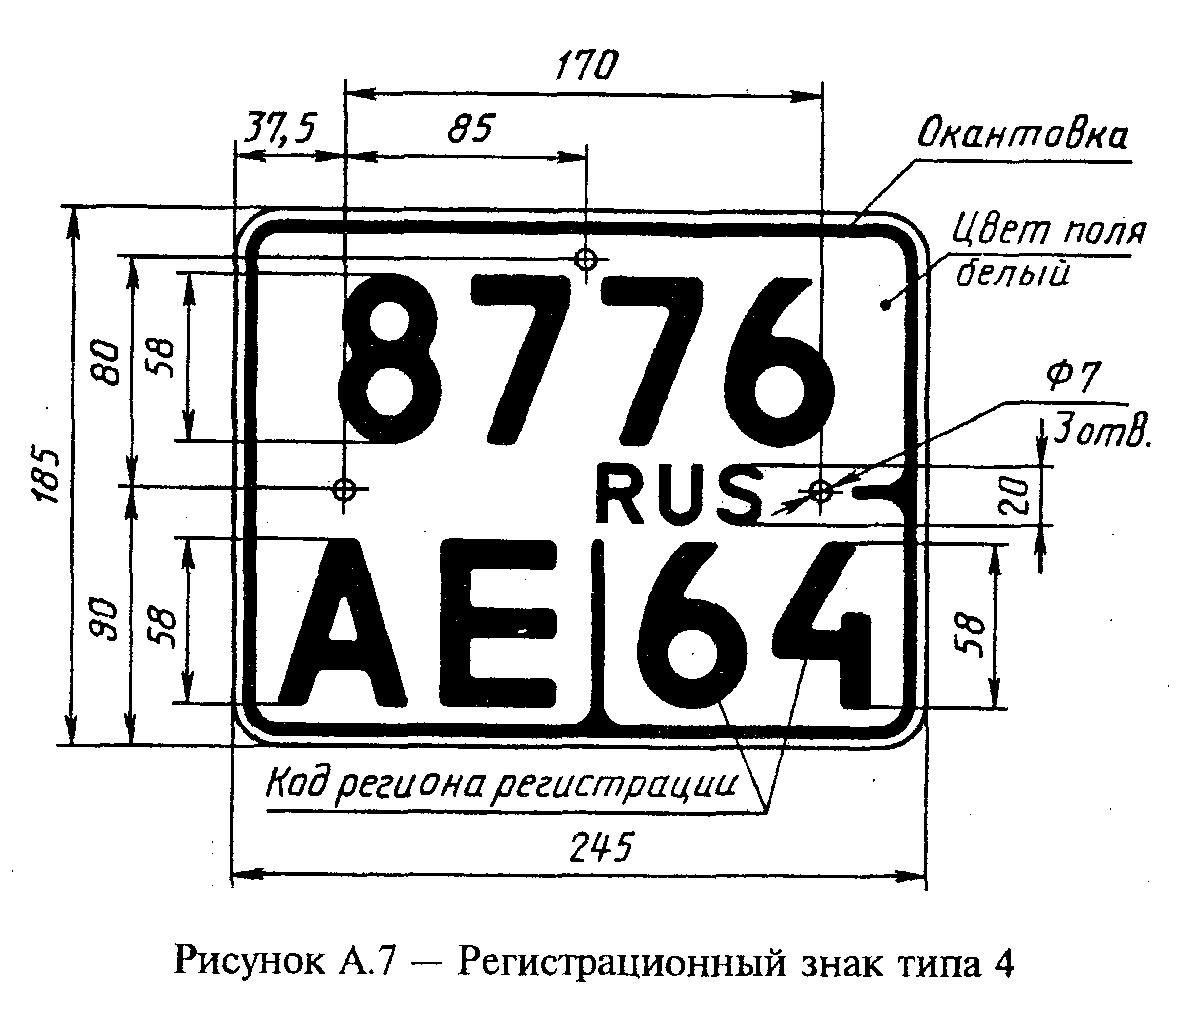 Тип 4. Регистрационный знак на МОТОтехнику